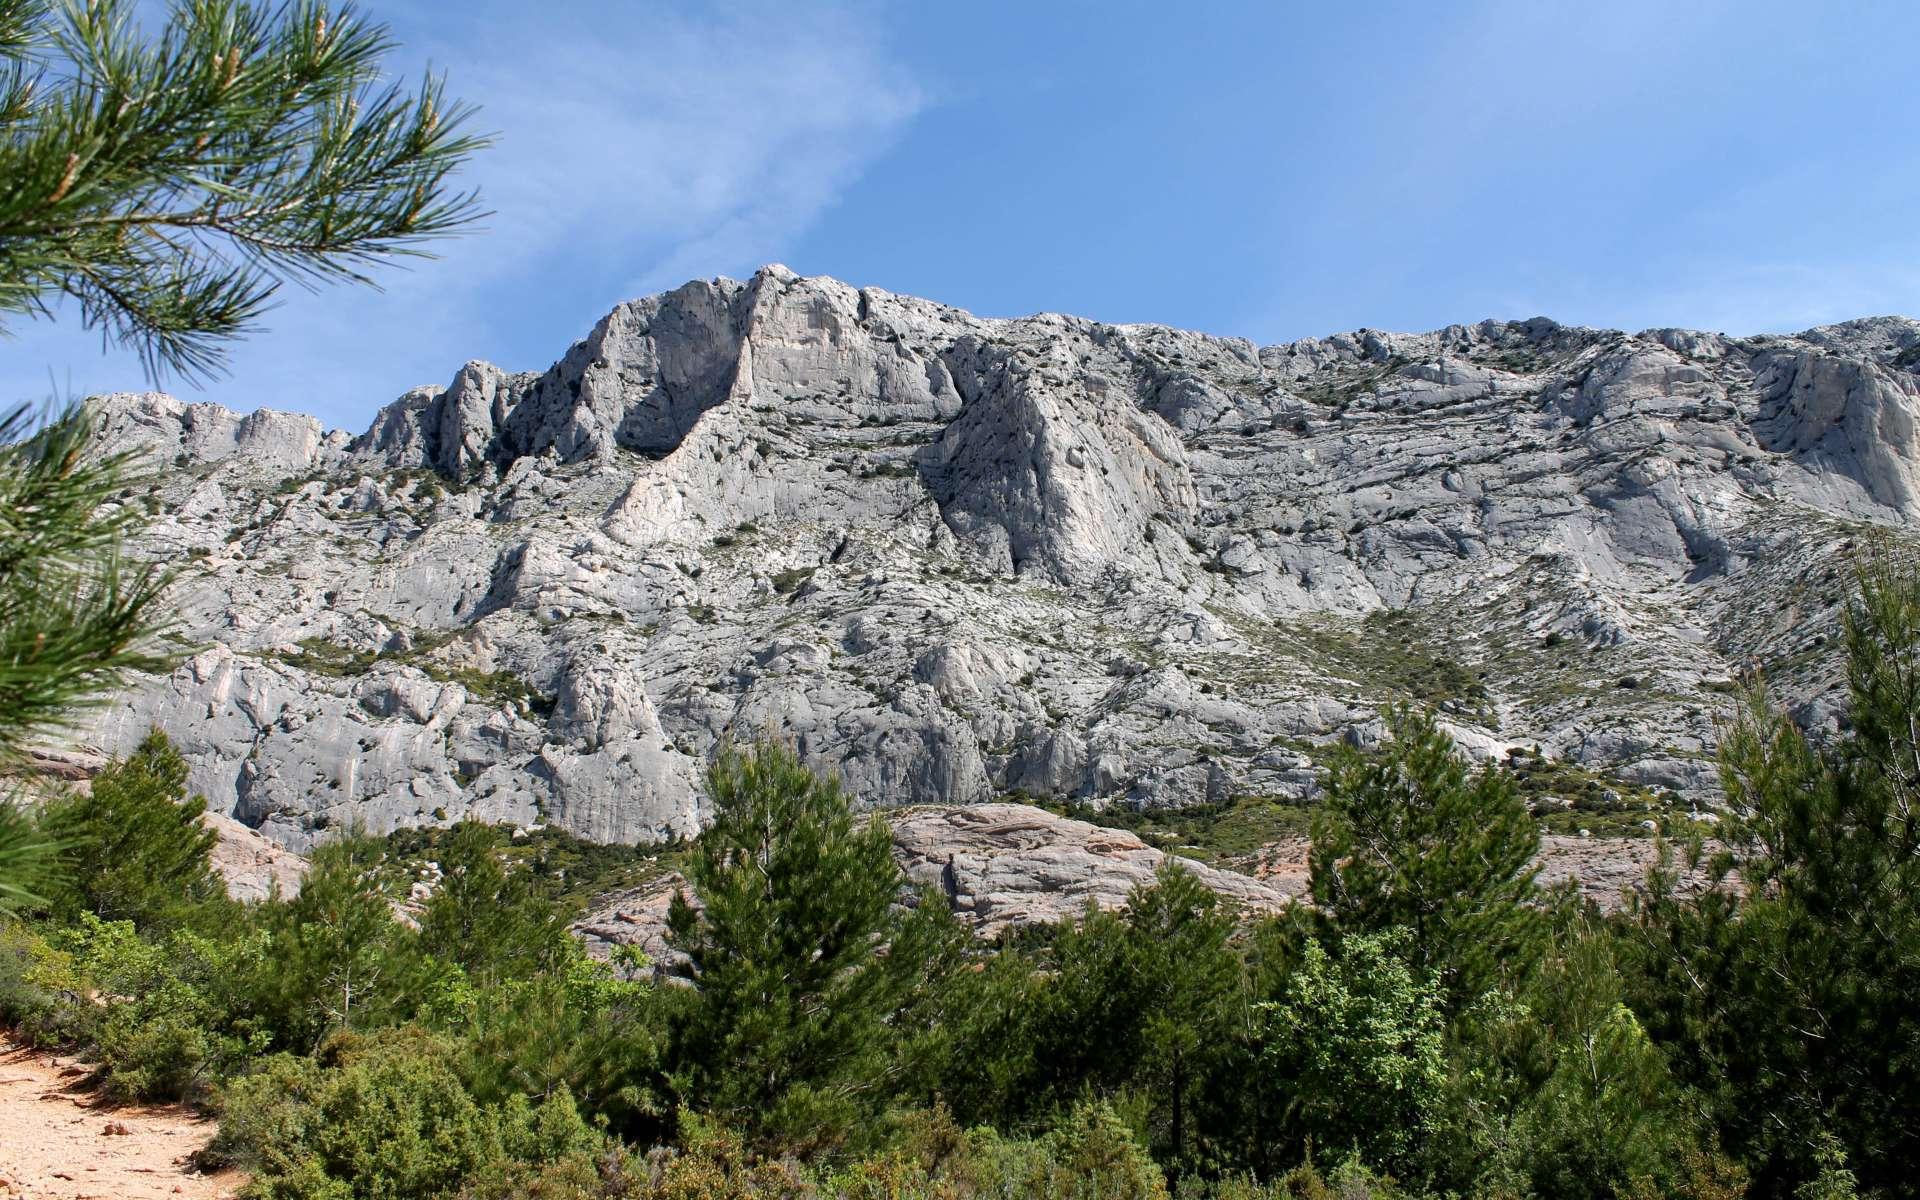 Face sud de la Montagne Sainte-Victoire (Crédits : Léa Charbonnier)